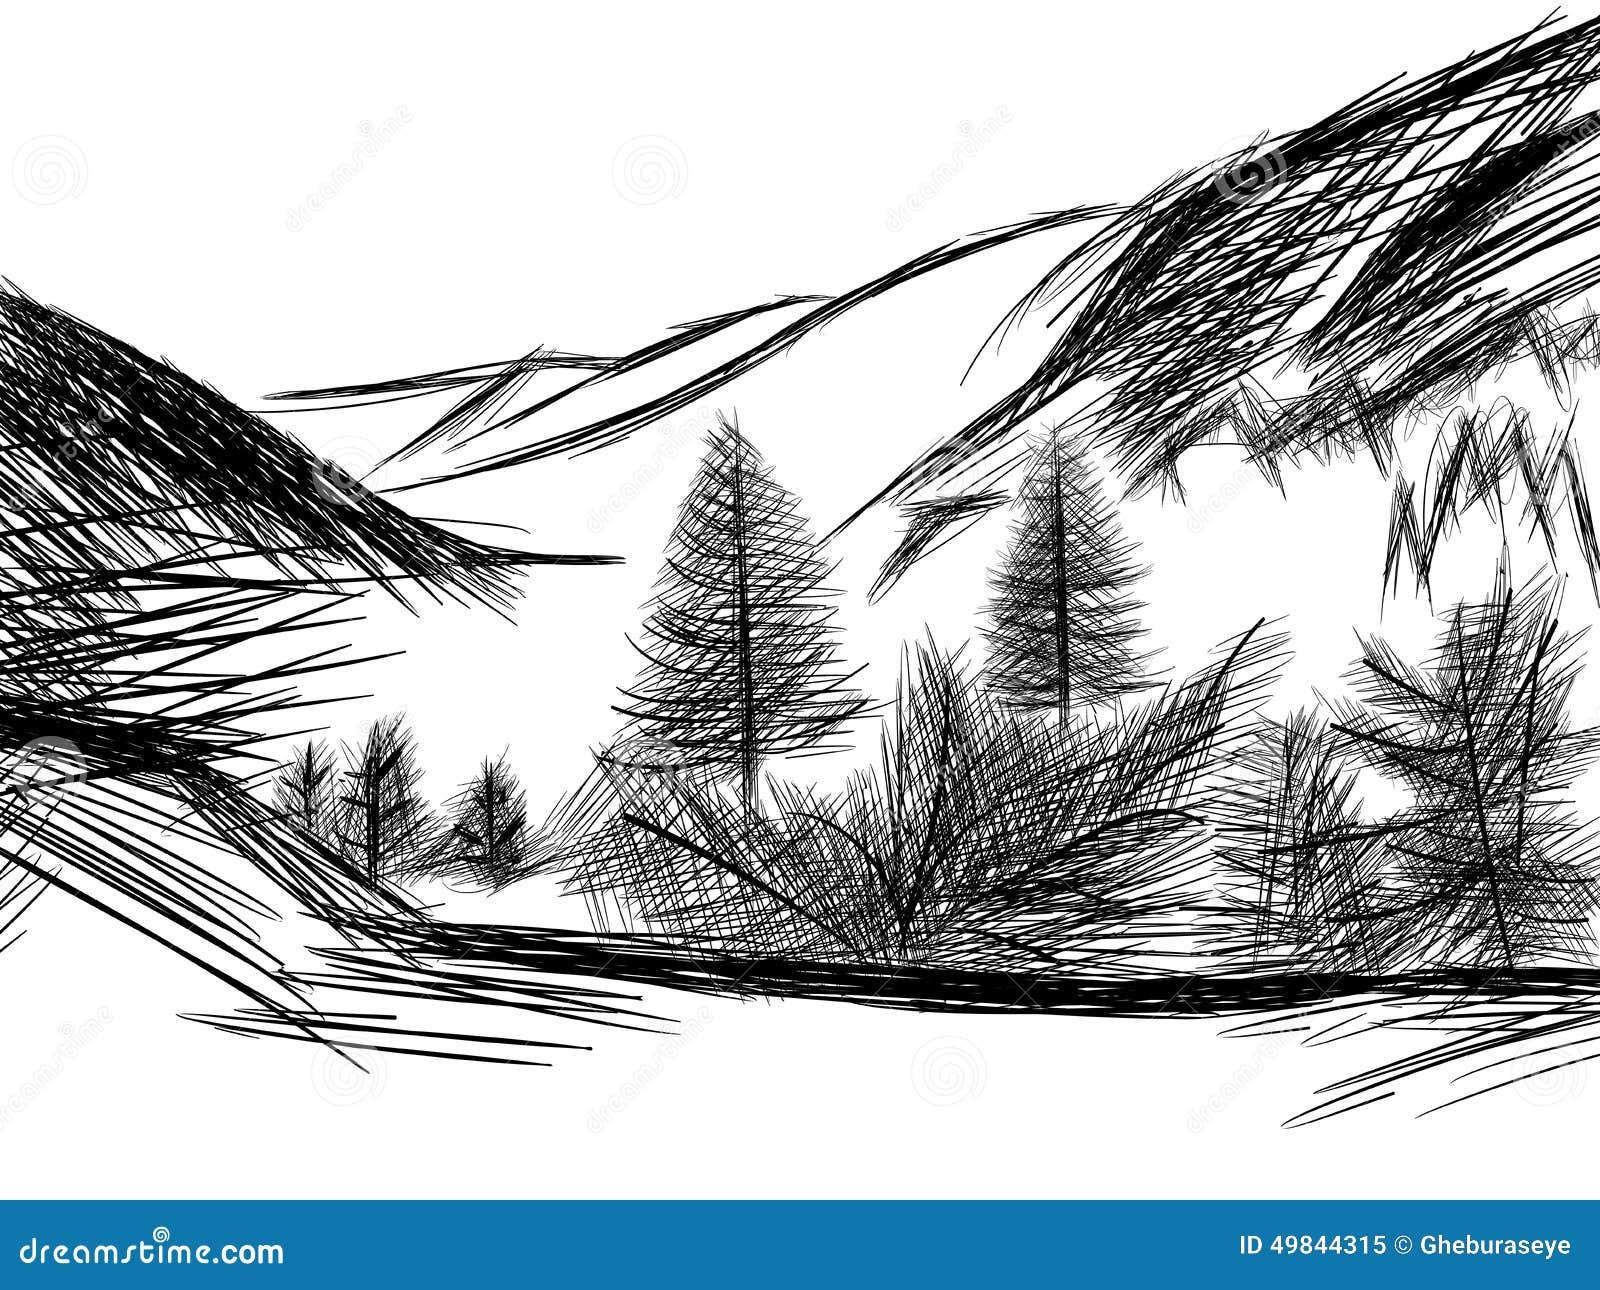 croquis de paysage de montagne en noir et blanc On croquis paysage